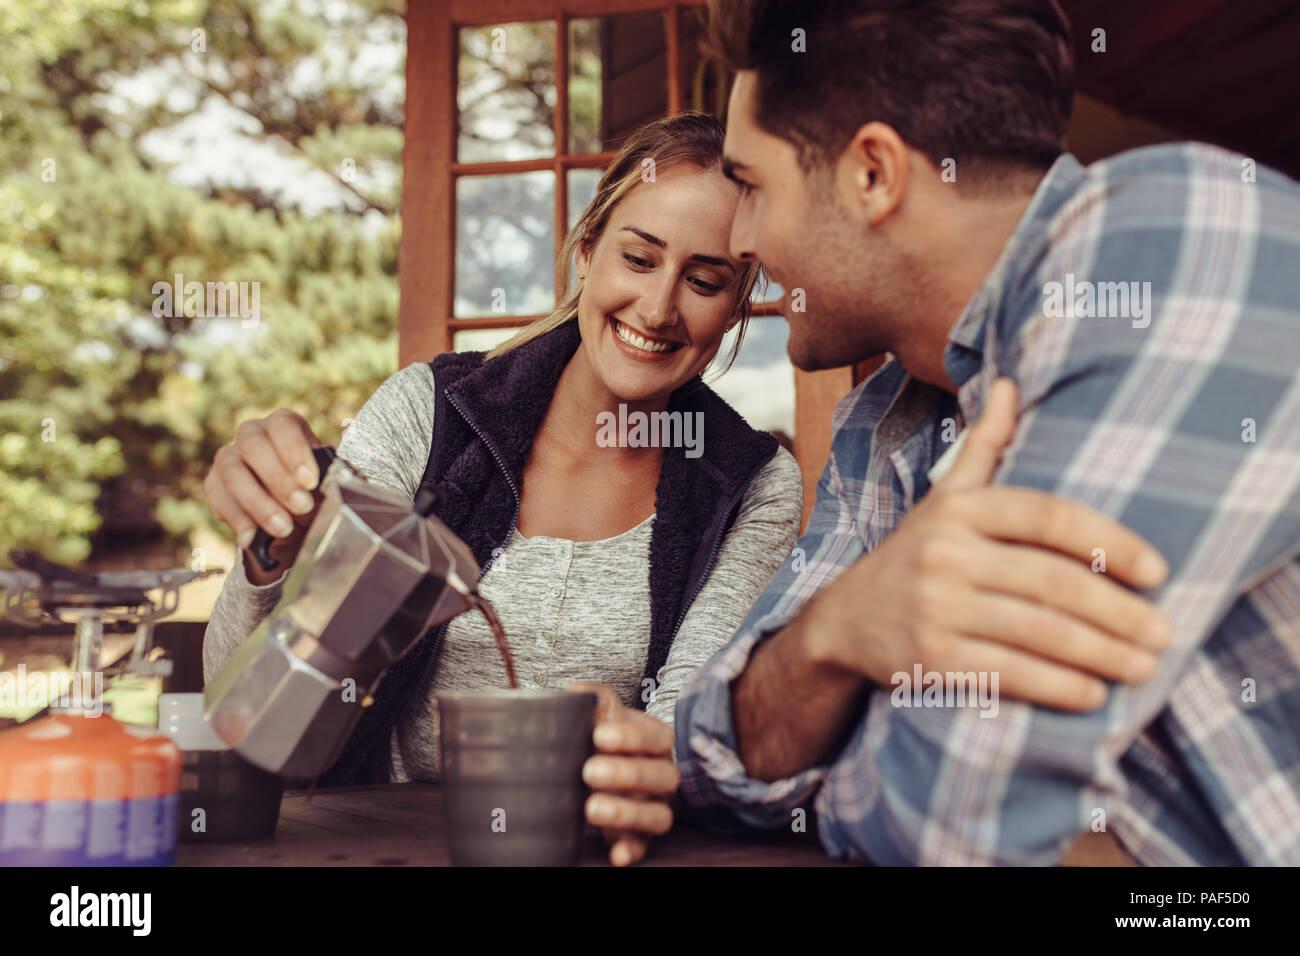 Jeune femme heureuse de son petit ami. Couple having coffee dans la matinée. Woman pouring café dans la tasse de son petit ami. Photo Stock